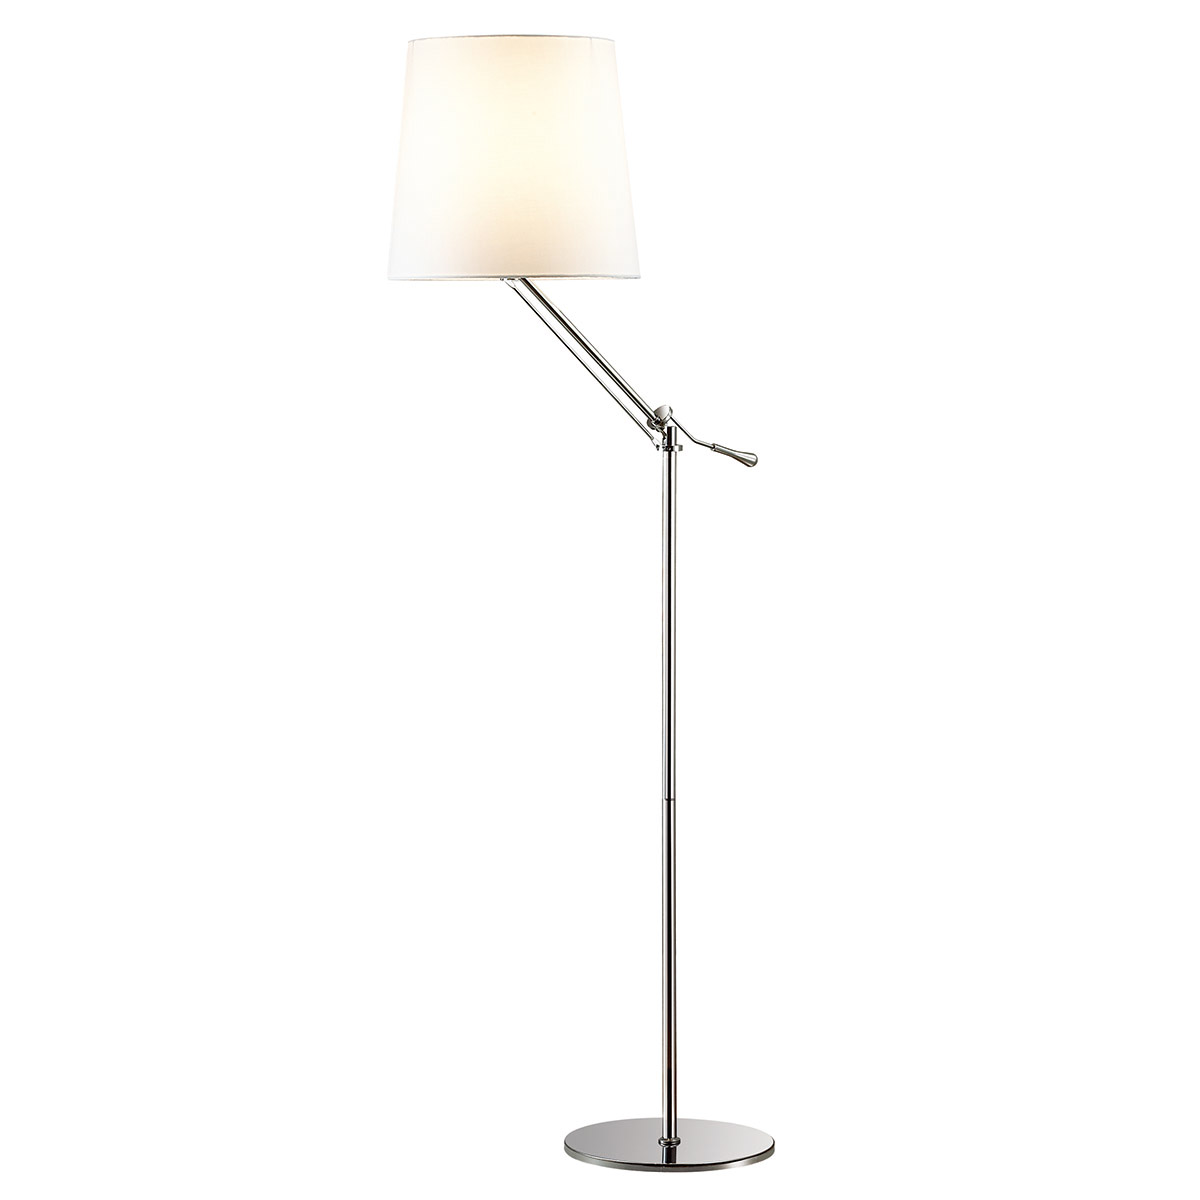 Лампион Otelio - MA05098FA-001-02